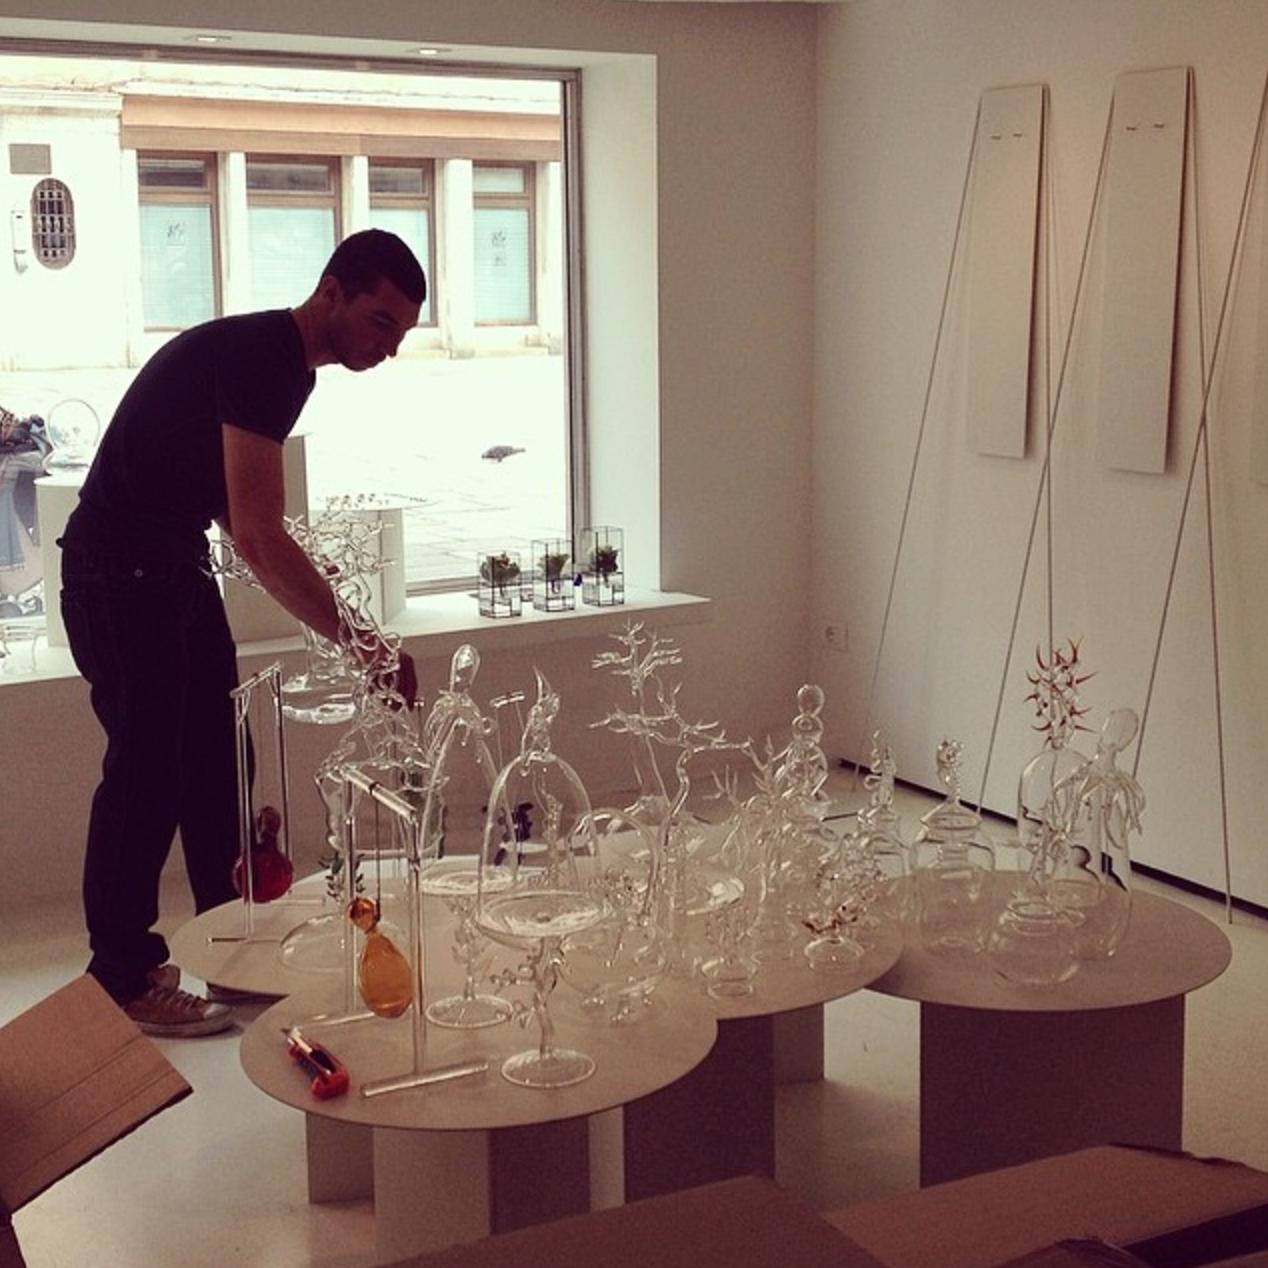 Simone Crestani installing his show, photo: OHMYBLUE